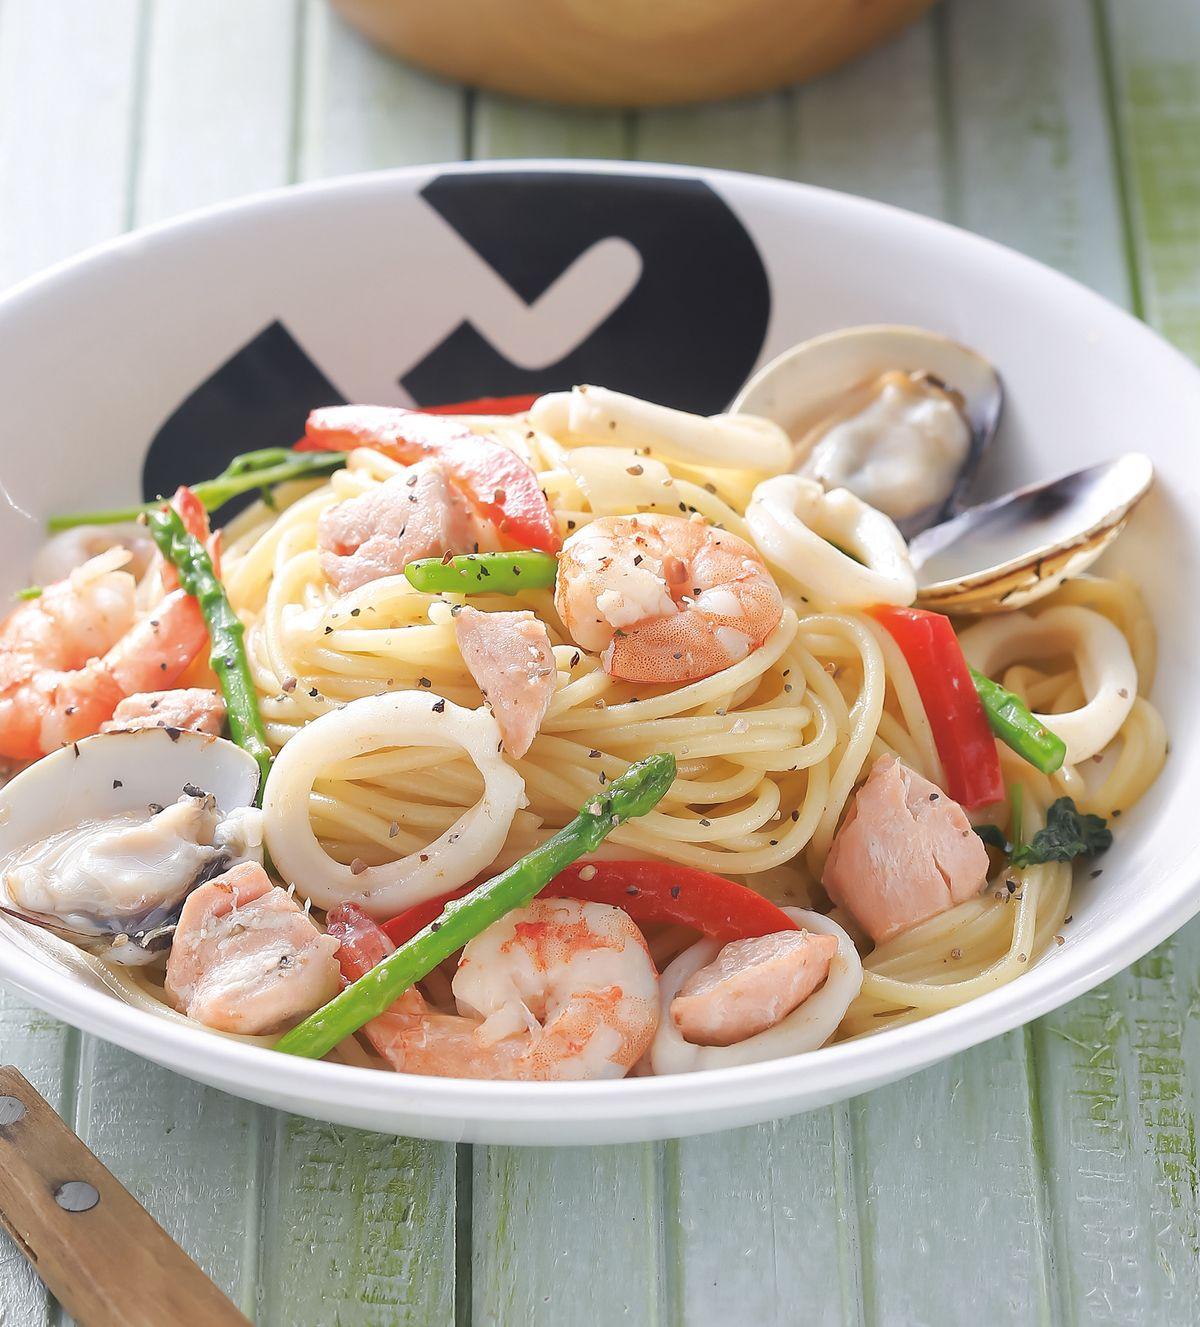 食譜:蘆筍海鮮義大利麵